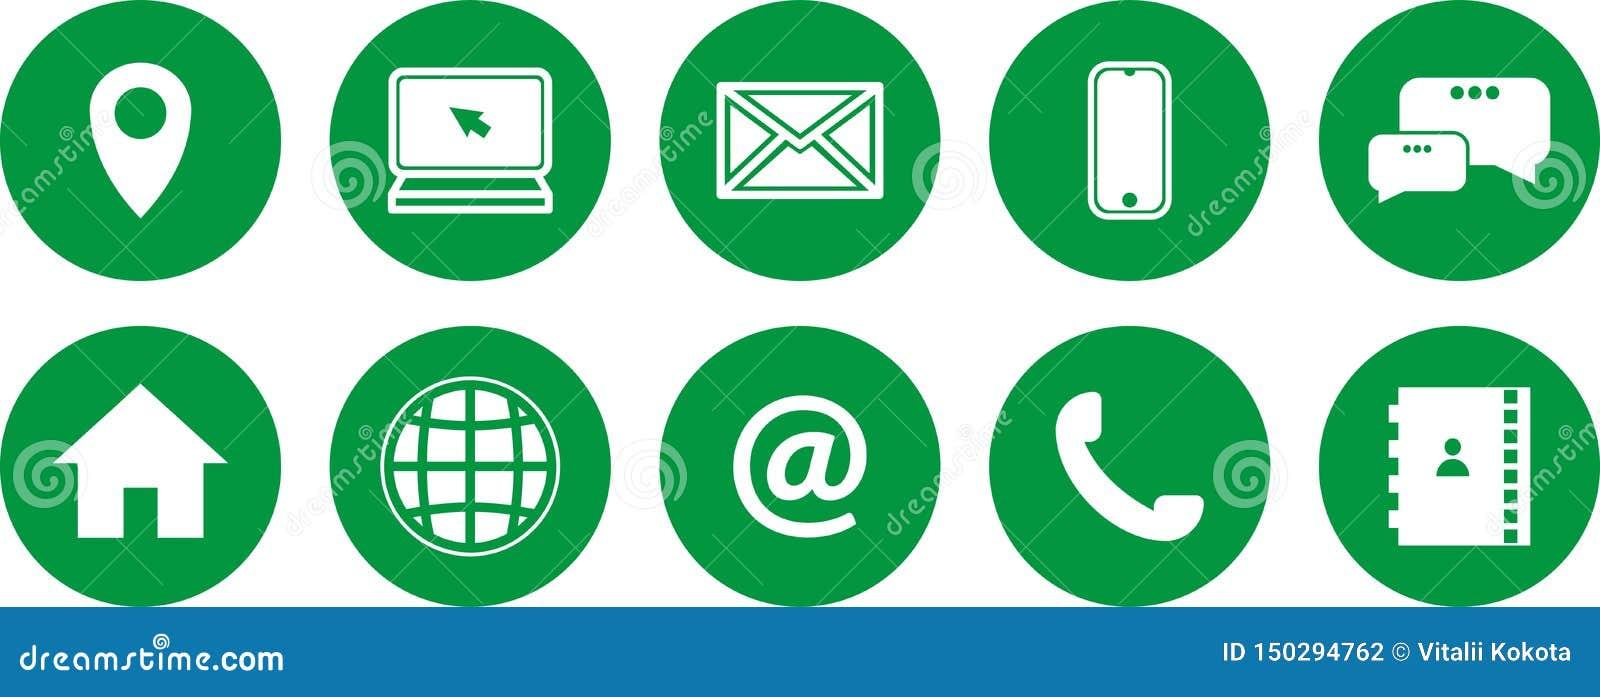 Ustawi? symbole ekologiczne Teletechniczne ikony kontaktowe ikony my